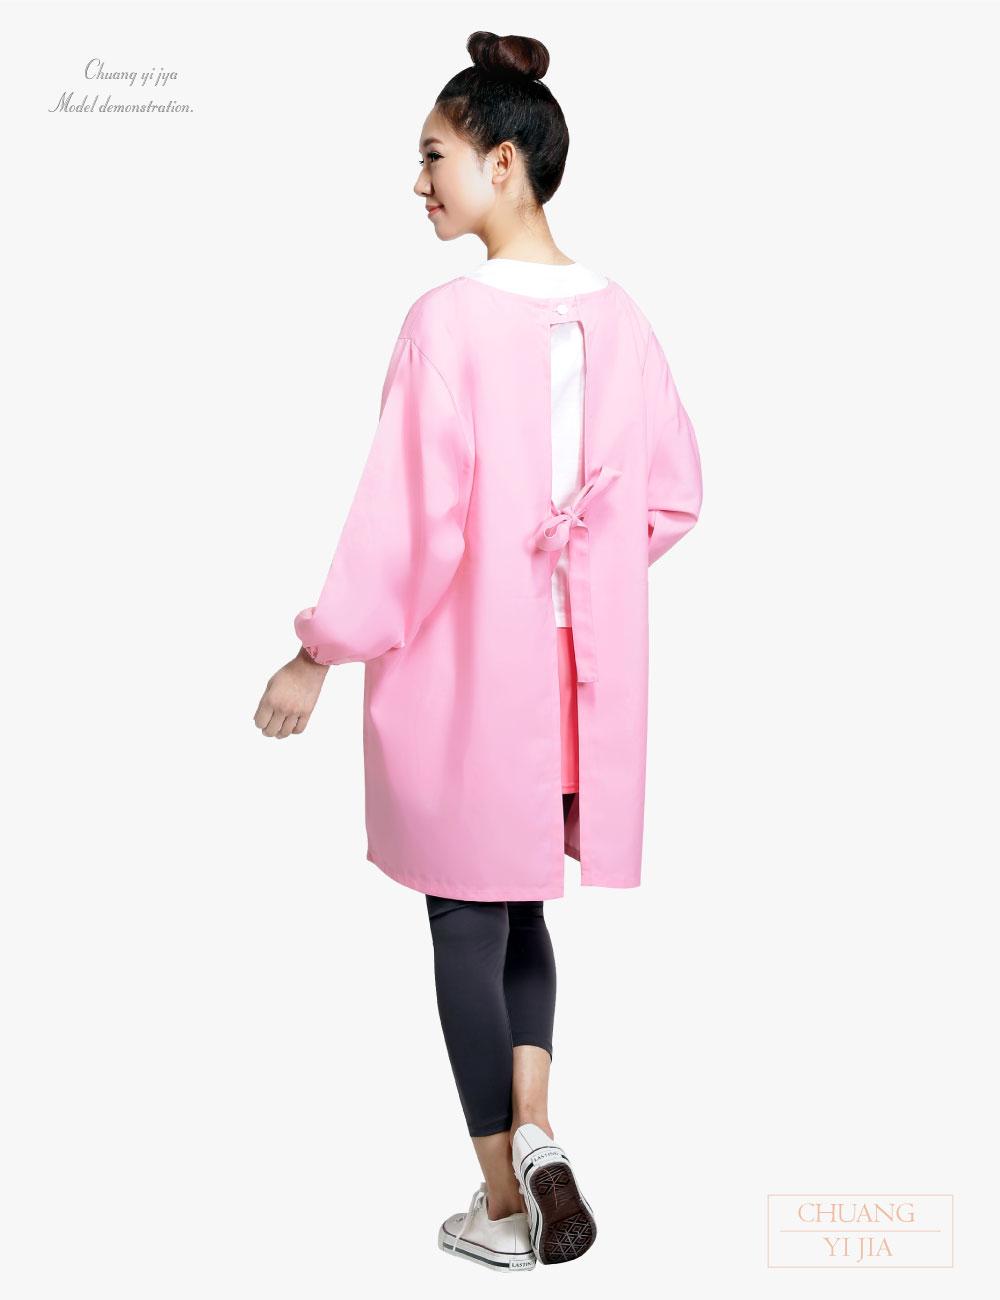 創意家團體服,台灣生產製造,圍兜,幼兒園圍兜,防水圍兜,防髒圍兜,大人圍兜,長袖圍兜,幼稚園老師圍裙